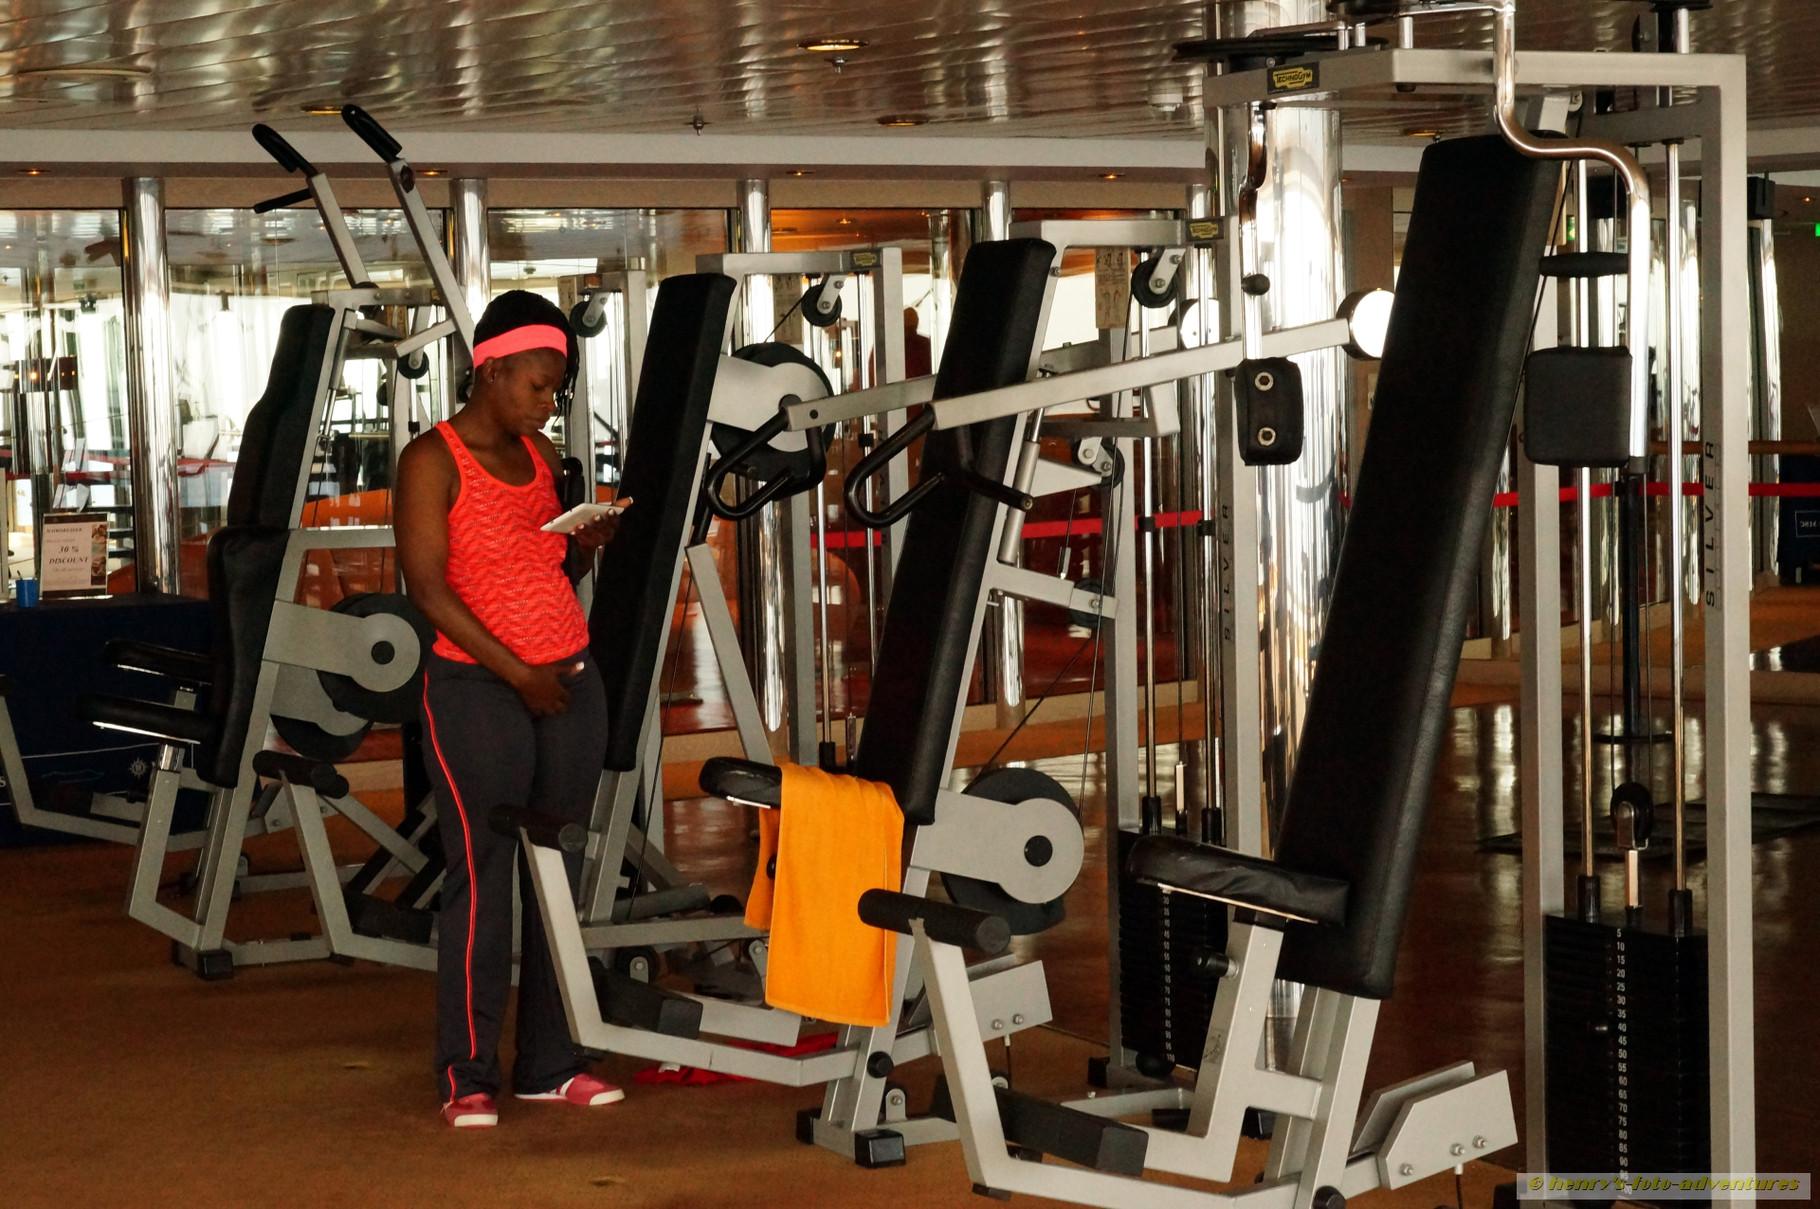 Fitnescenter